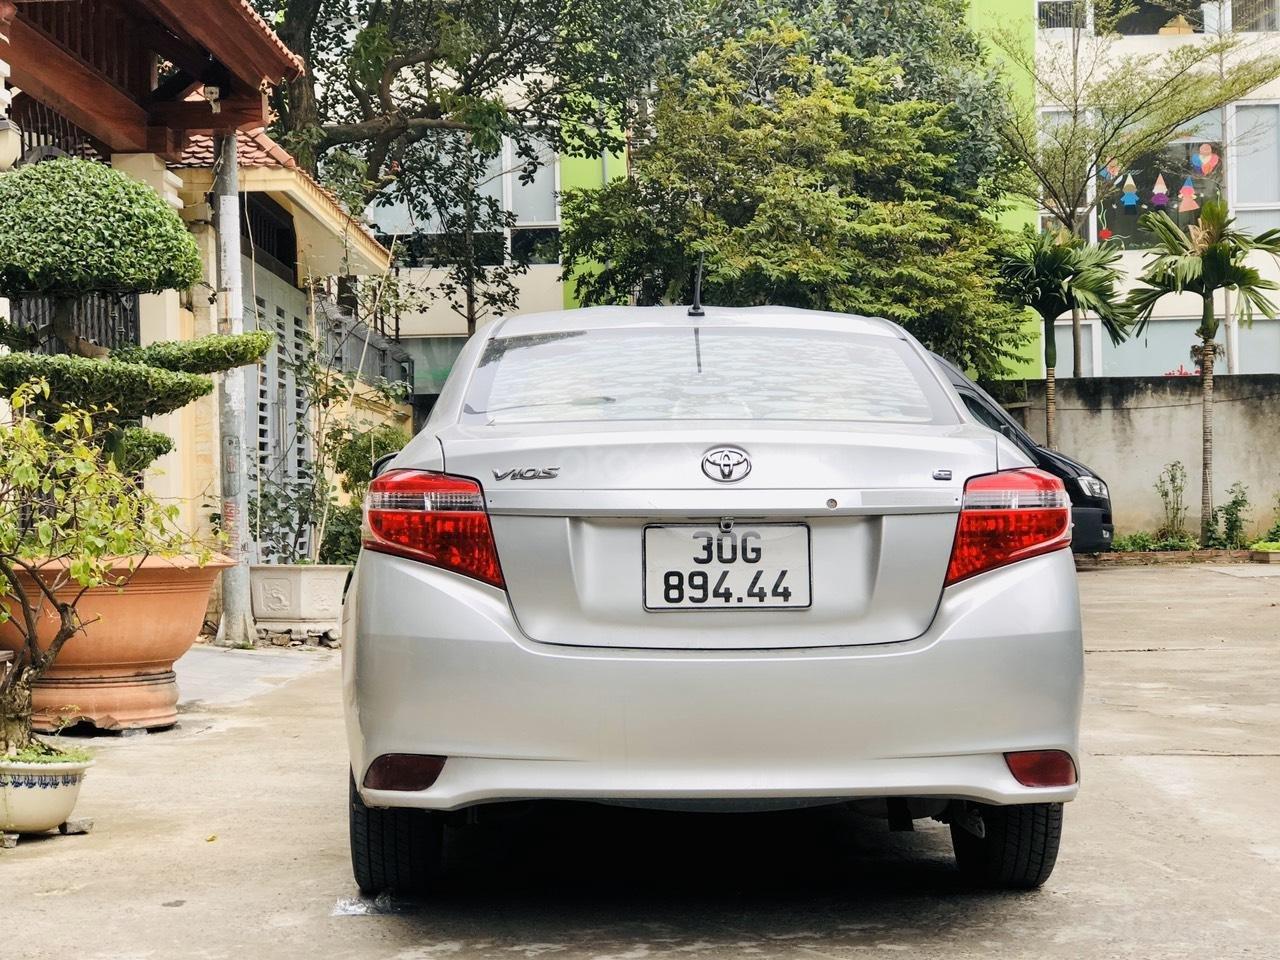 Bán xe Toyota Vios E MT sản xuất 2015, xe đẹp không lỗi nhỏ (5)